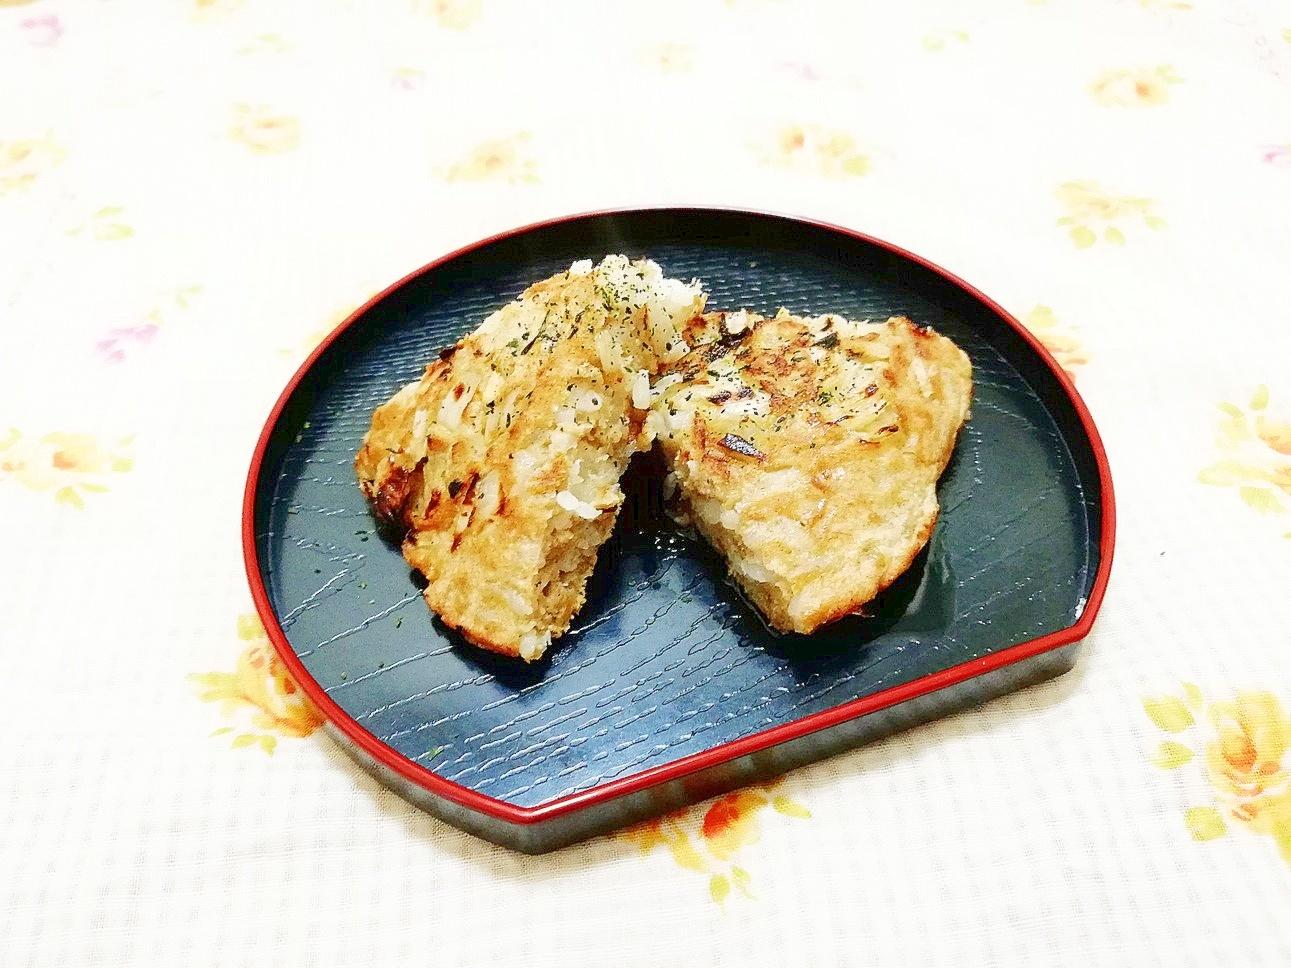 玉葱入り♪蕎麦粉と米粉のおかずパンケーキ レシピ・作り方 by 仄香♪|楽天レシピ